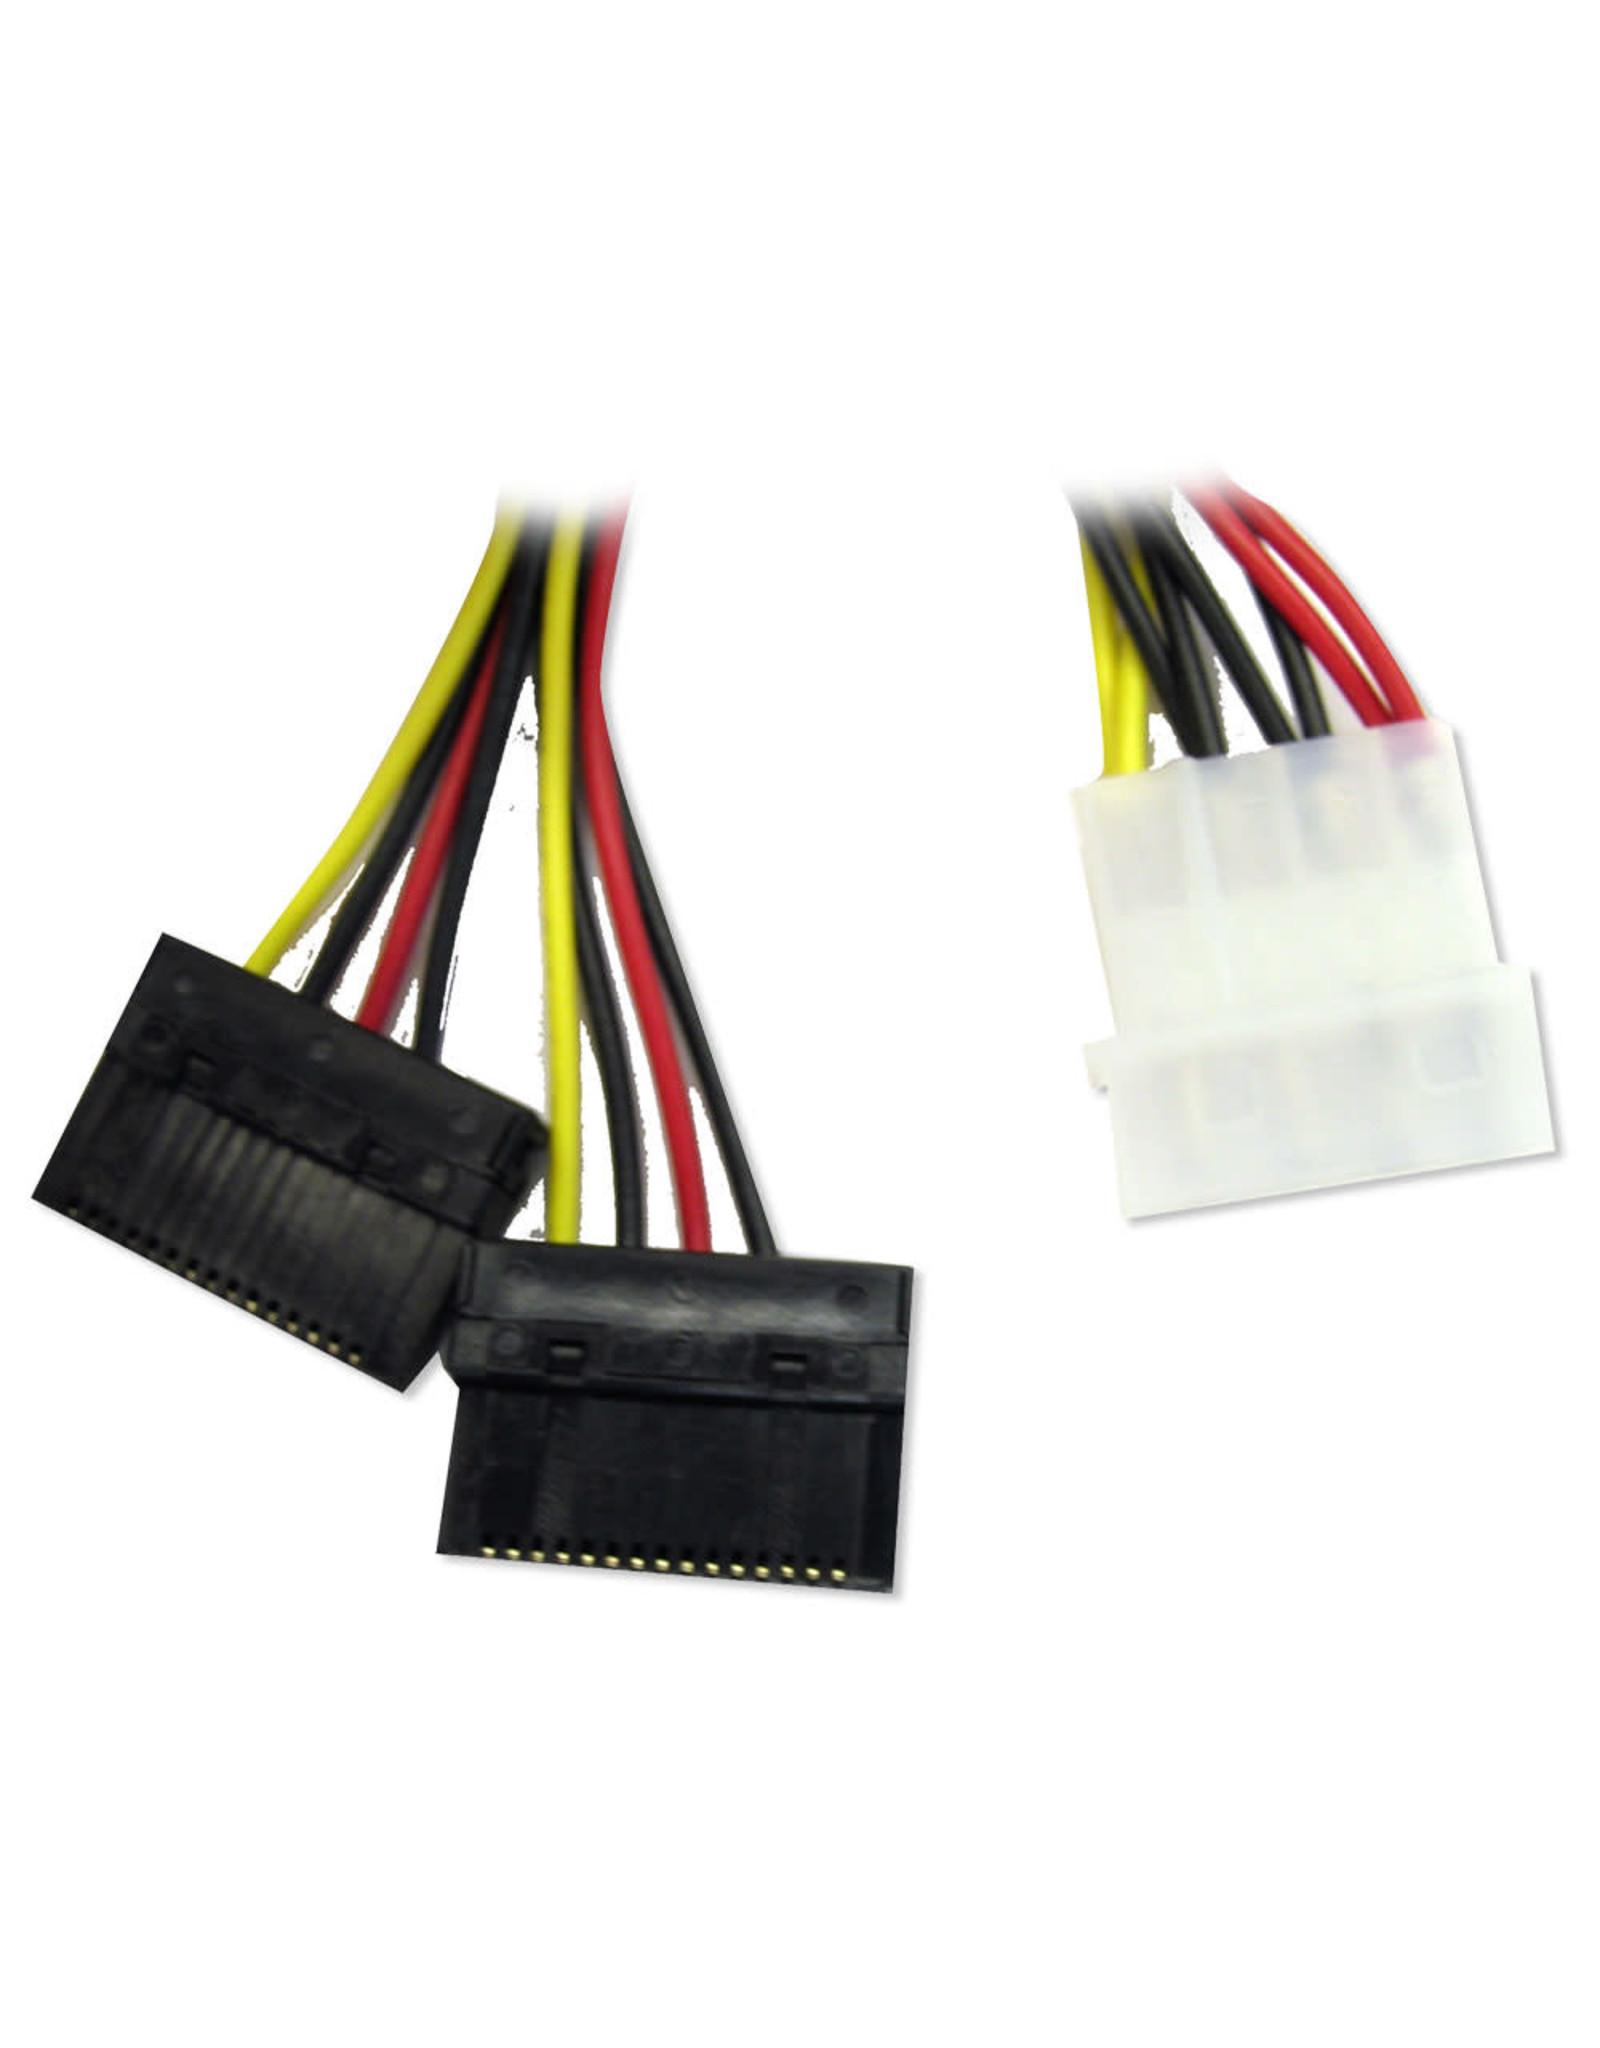 BlueDiamond BlueDiamond, 4-Pin to SATA Power Adapter Cable